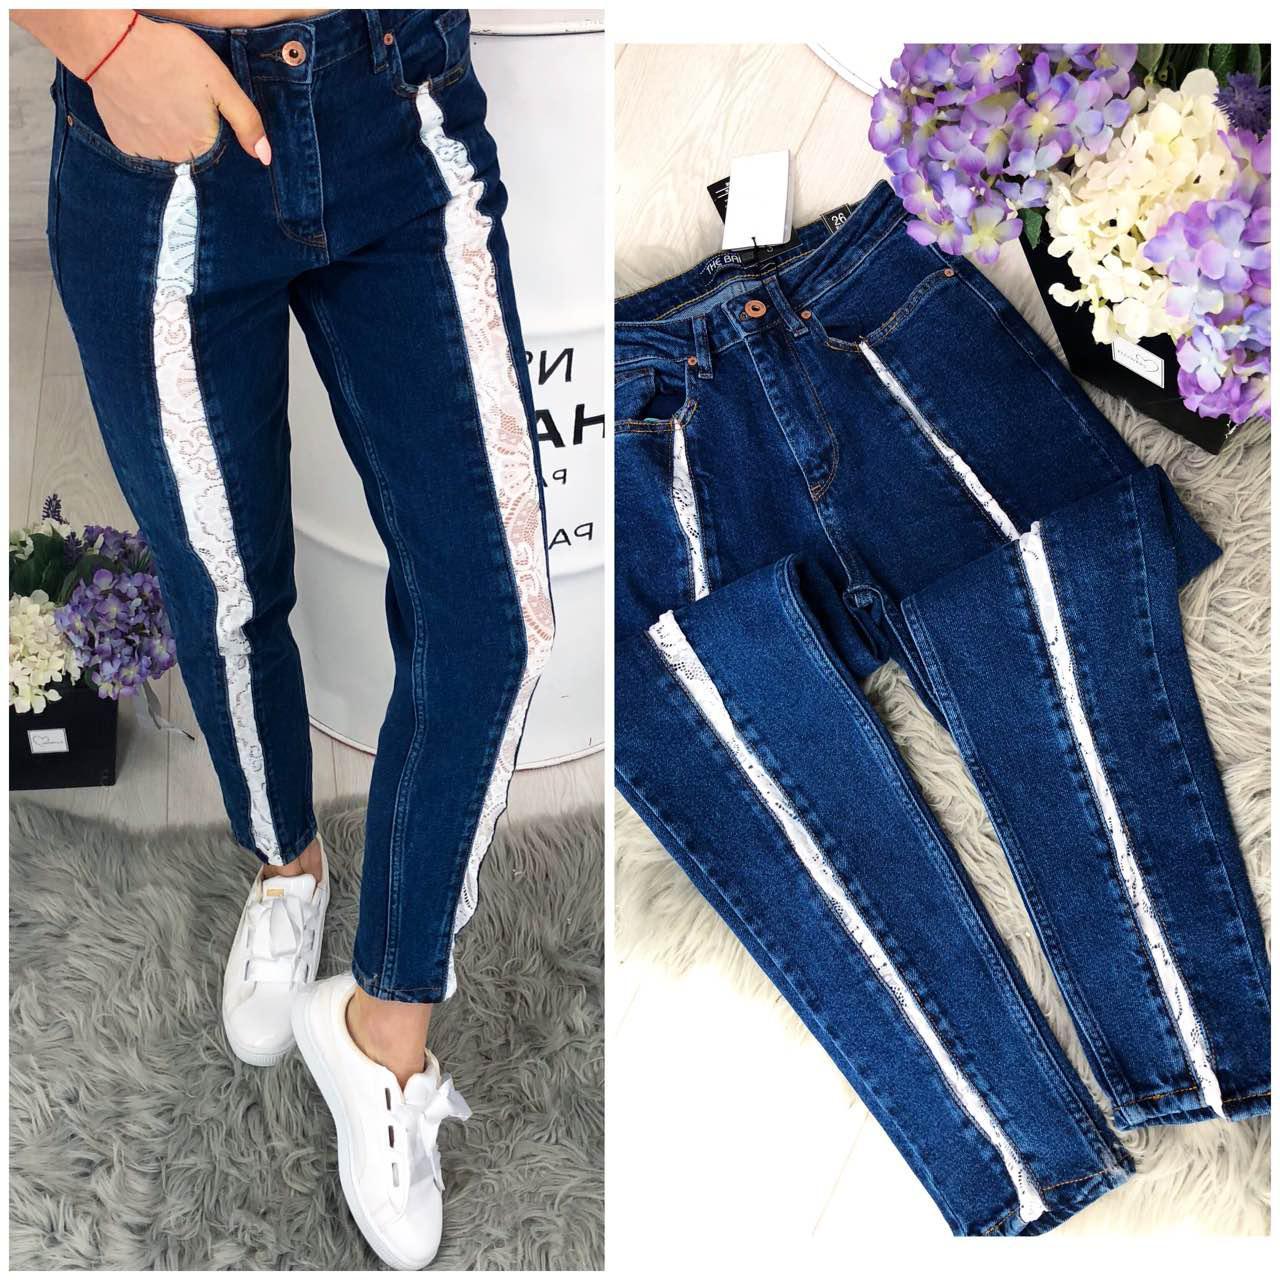 6738b6dcf20 Синие джинсы SLIM с кружевными лампасами - Immagine - стильная женская  одежда из Турции в Одессе